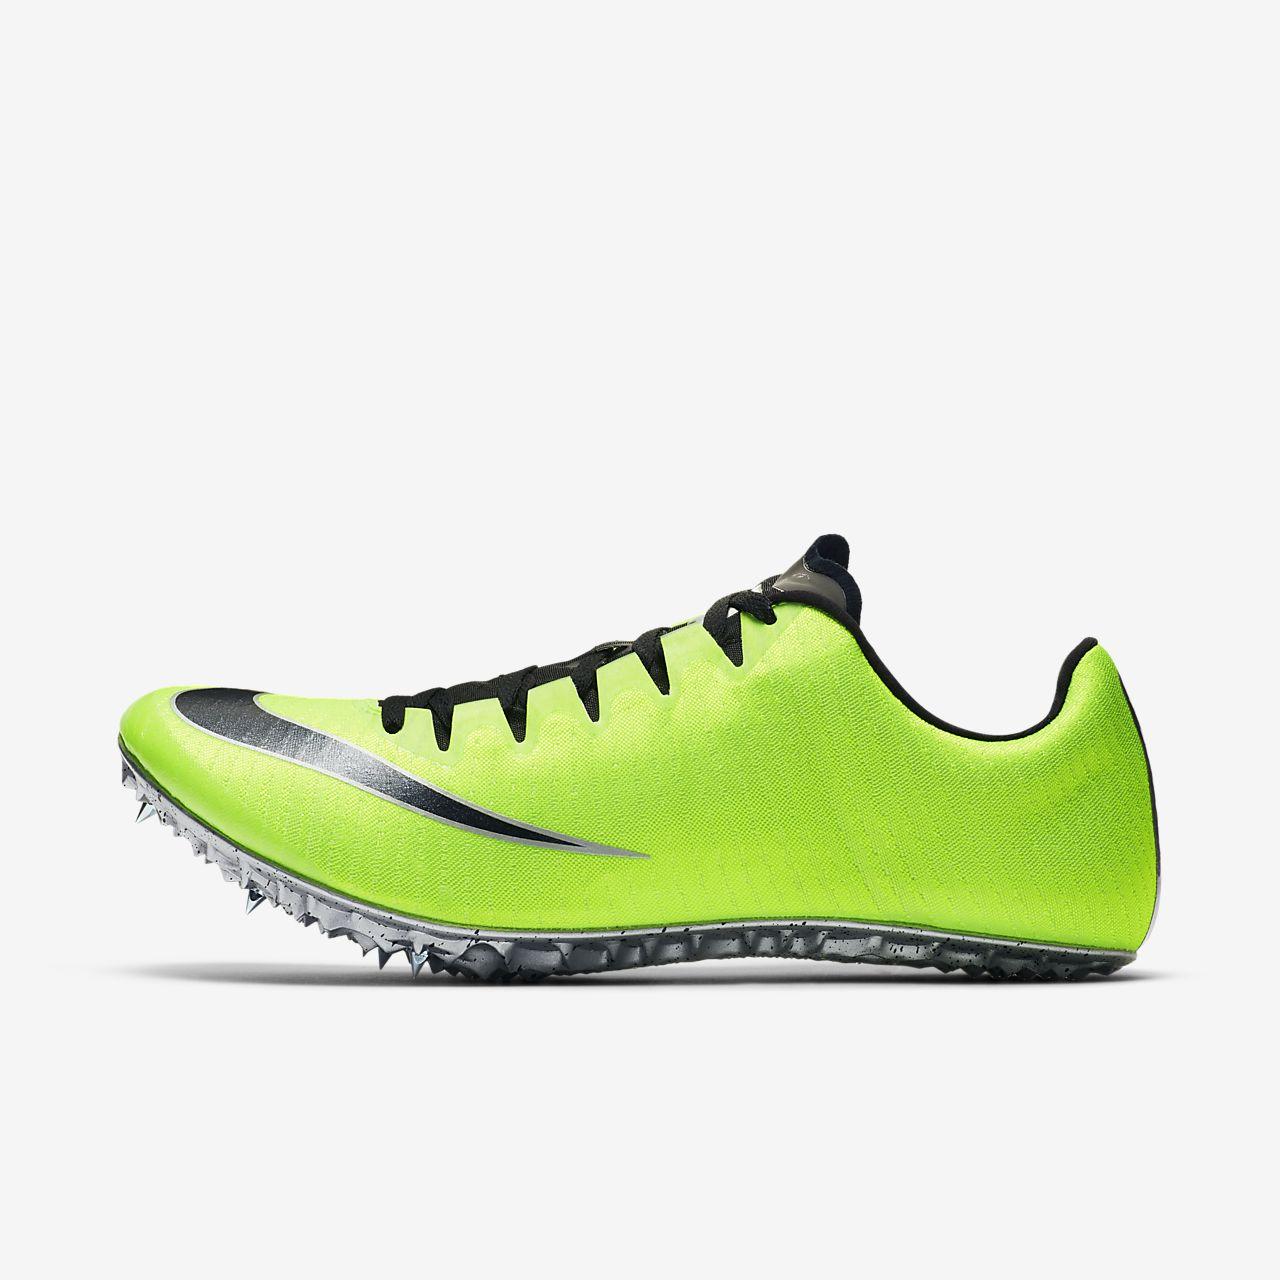 Nike Superfly Elite Zapatillas con clavos de competición